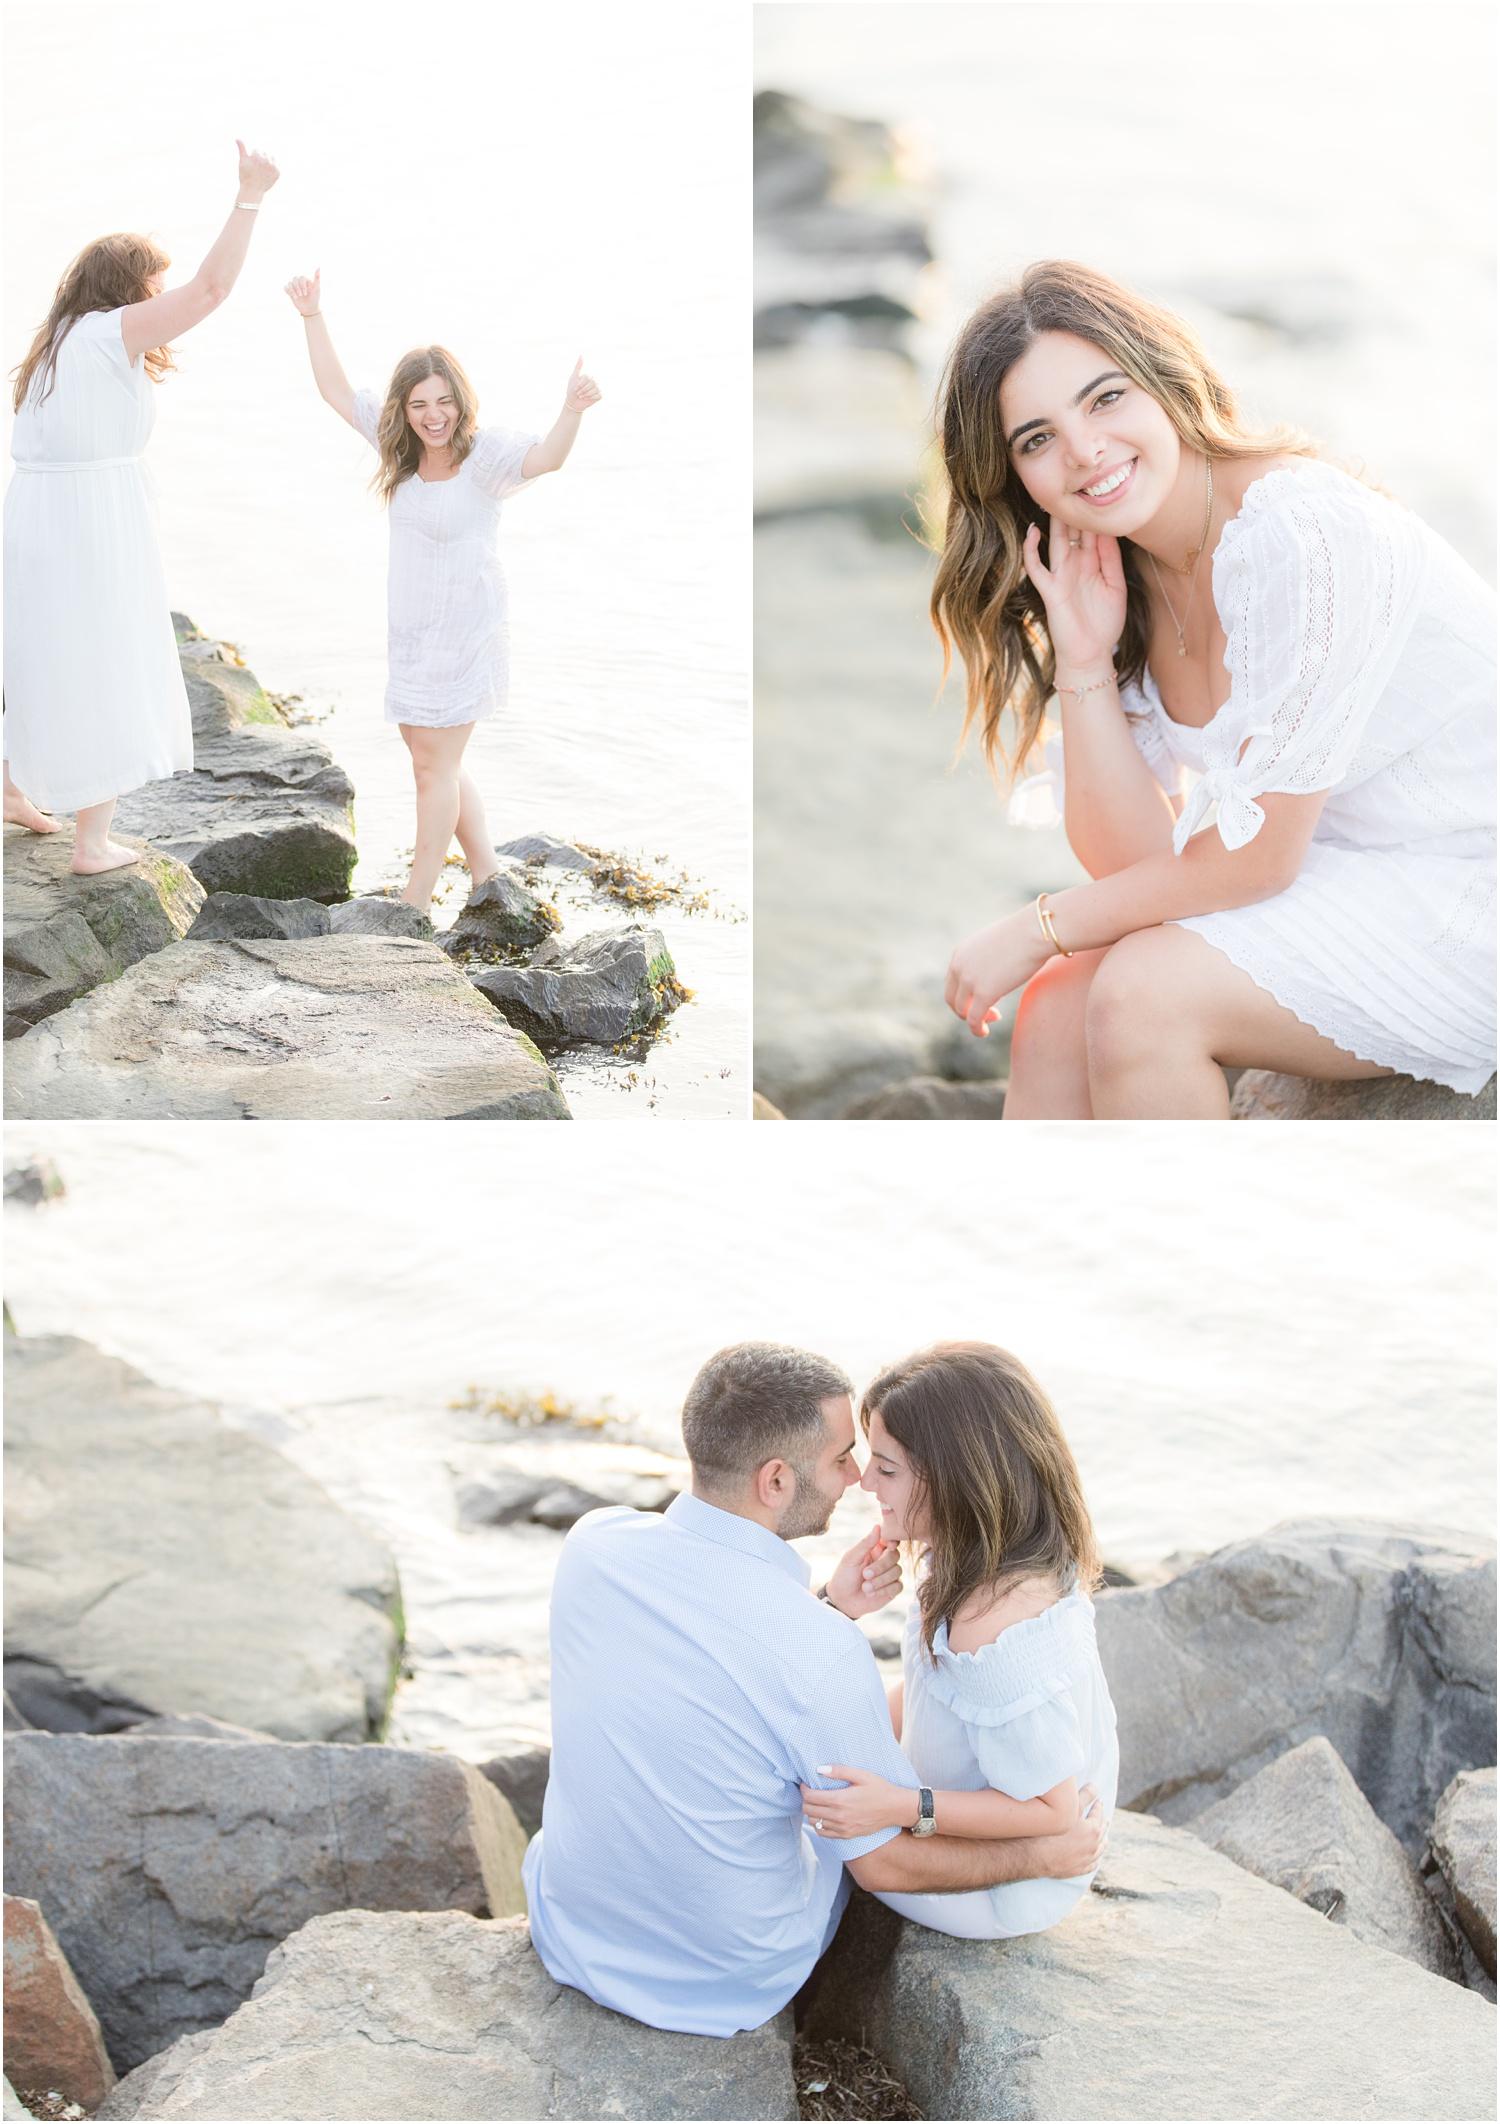 Romantic engagement photos in LBI NJ